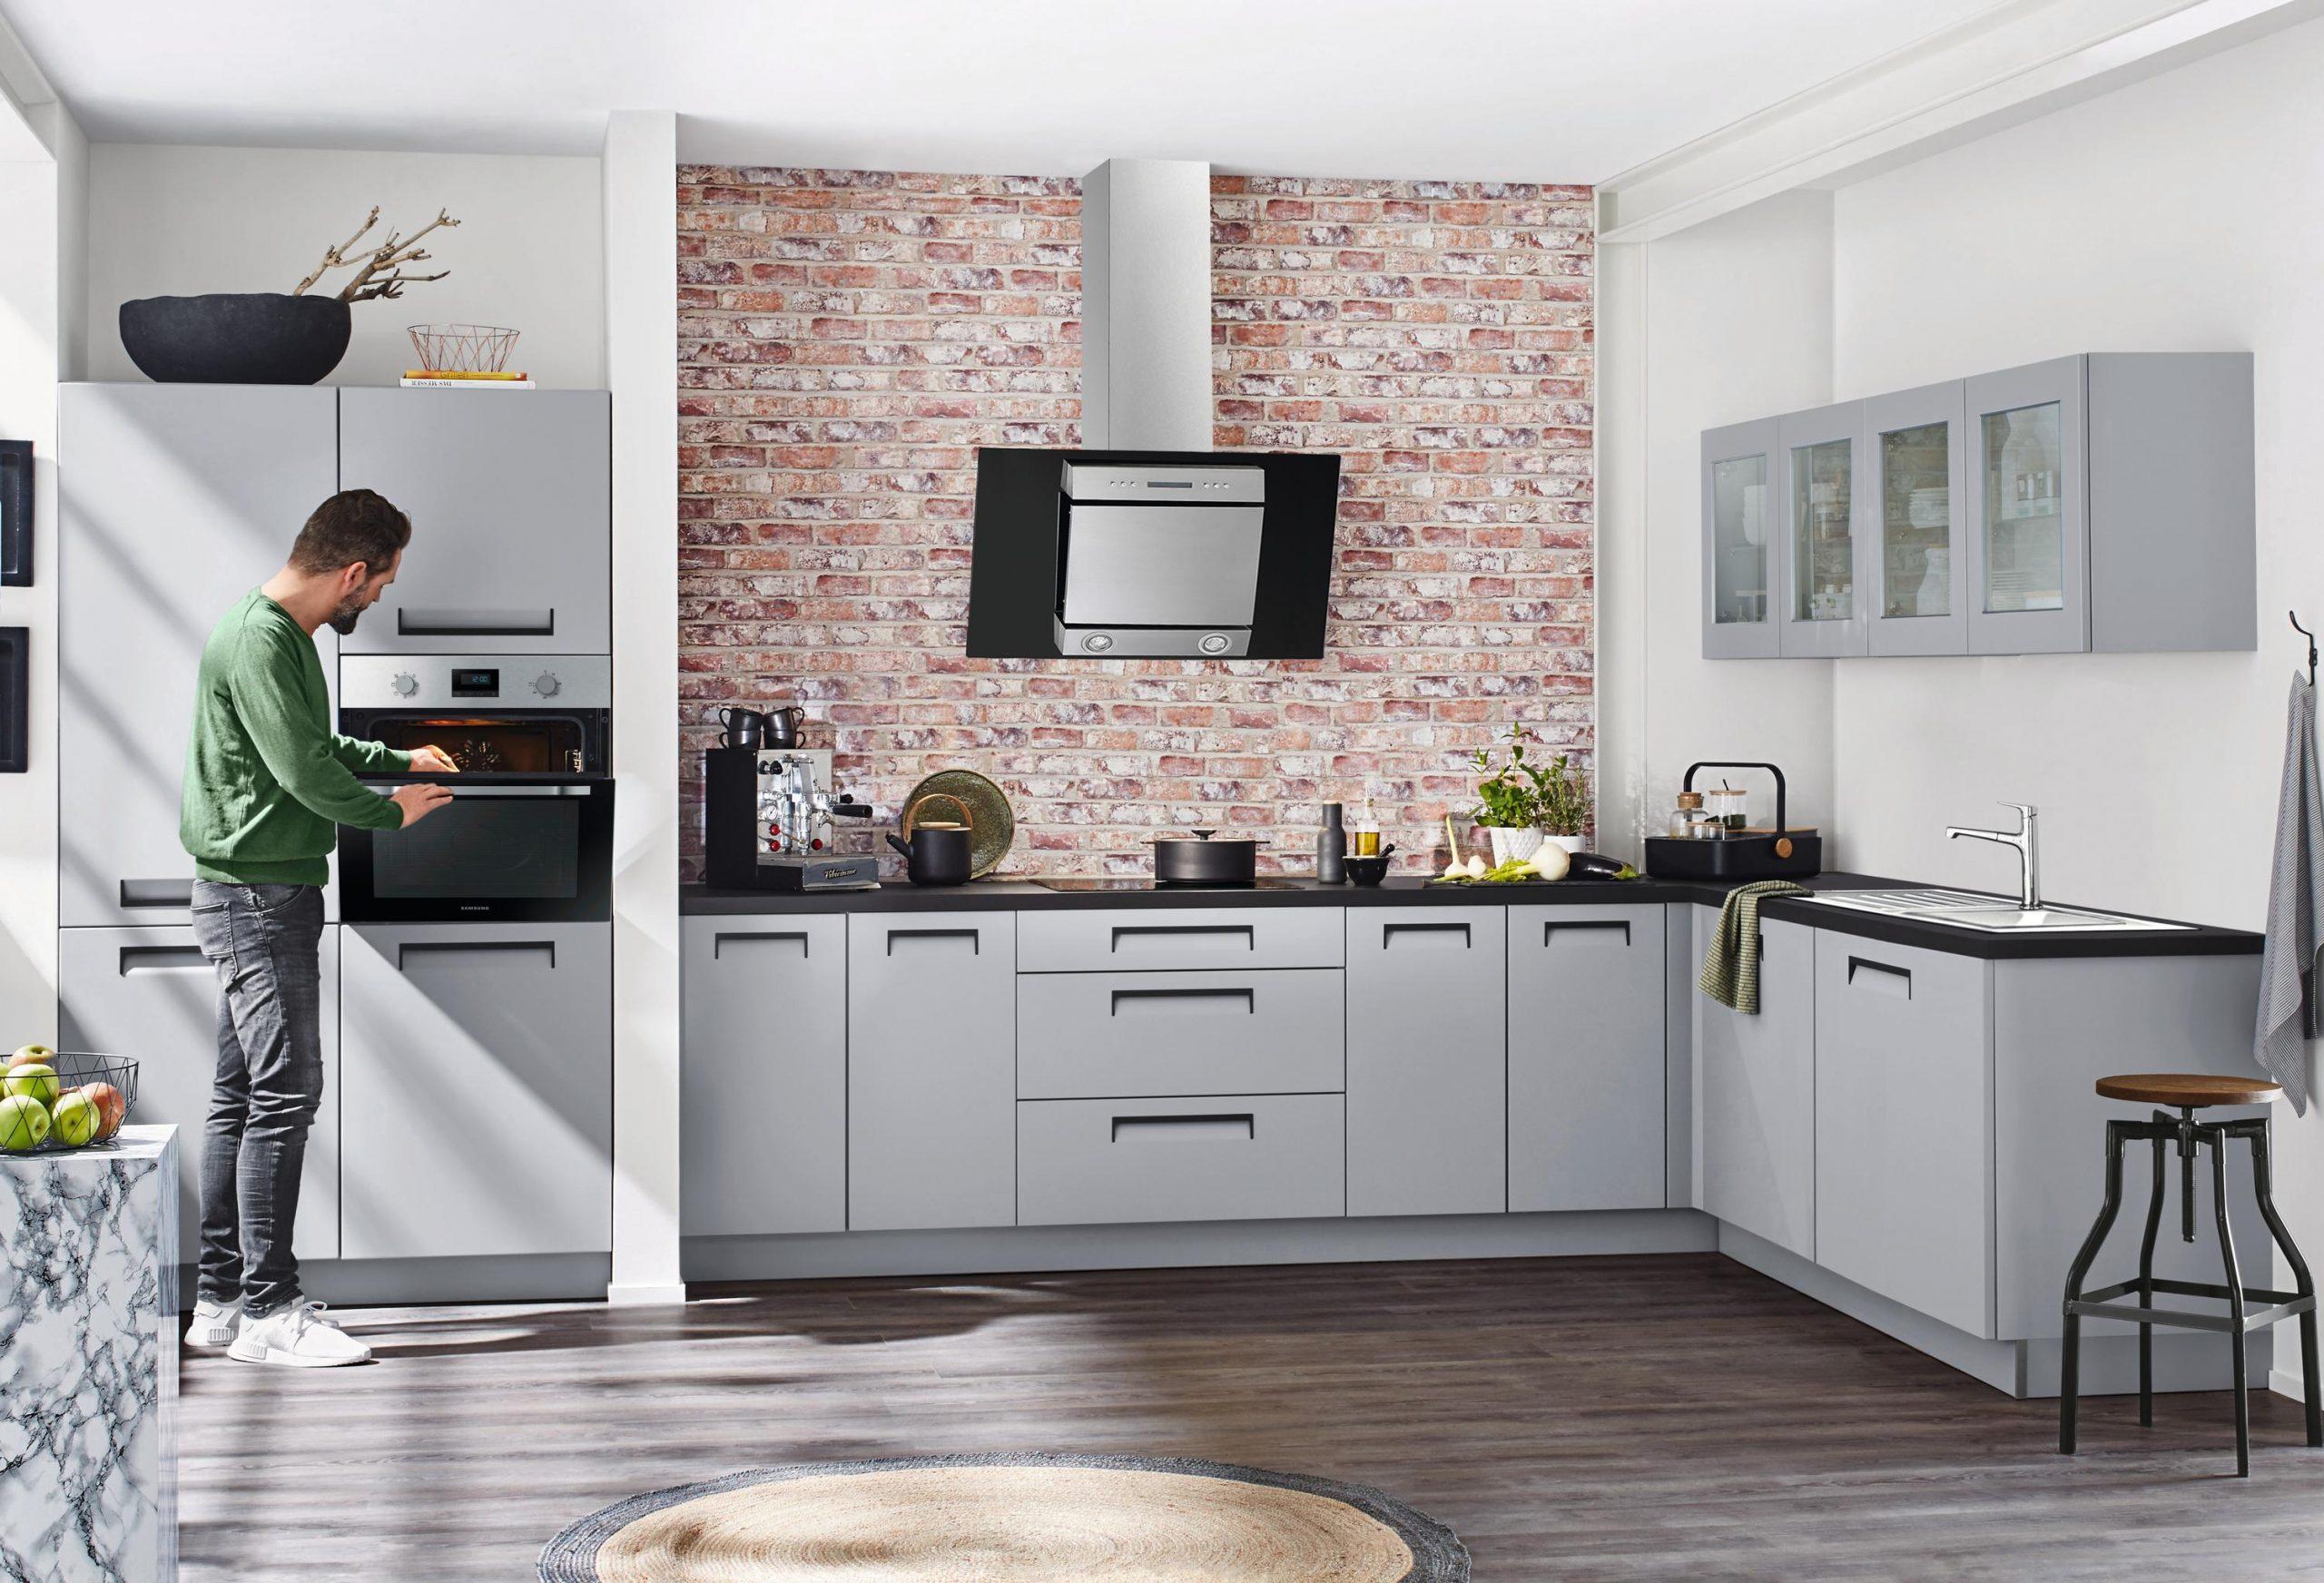 Full Size of Küche Nolte Matrix 150 Küche Nolte Erfahrung Küche Nolte Abverkauf Küche Nolte Magnolia Küche Küche Nolte